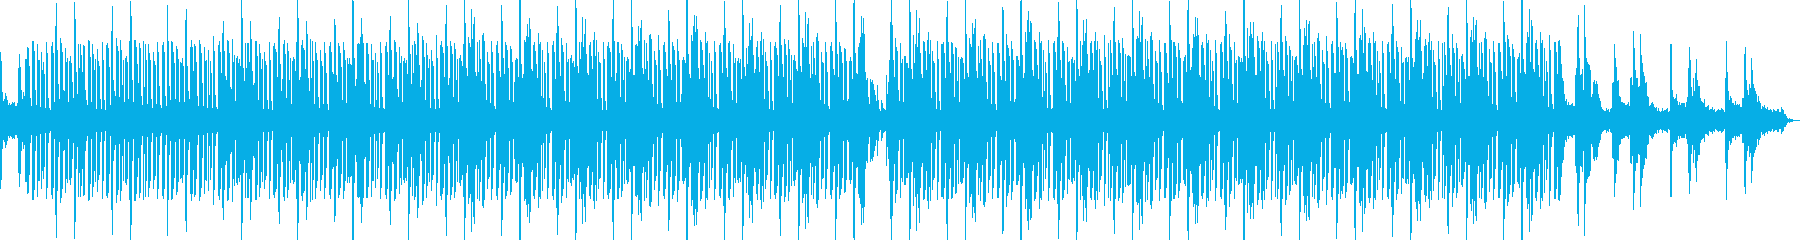 おしゃれで穏やかなビートミュージックの再生済みの波形